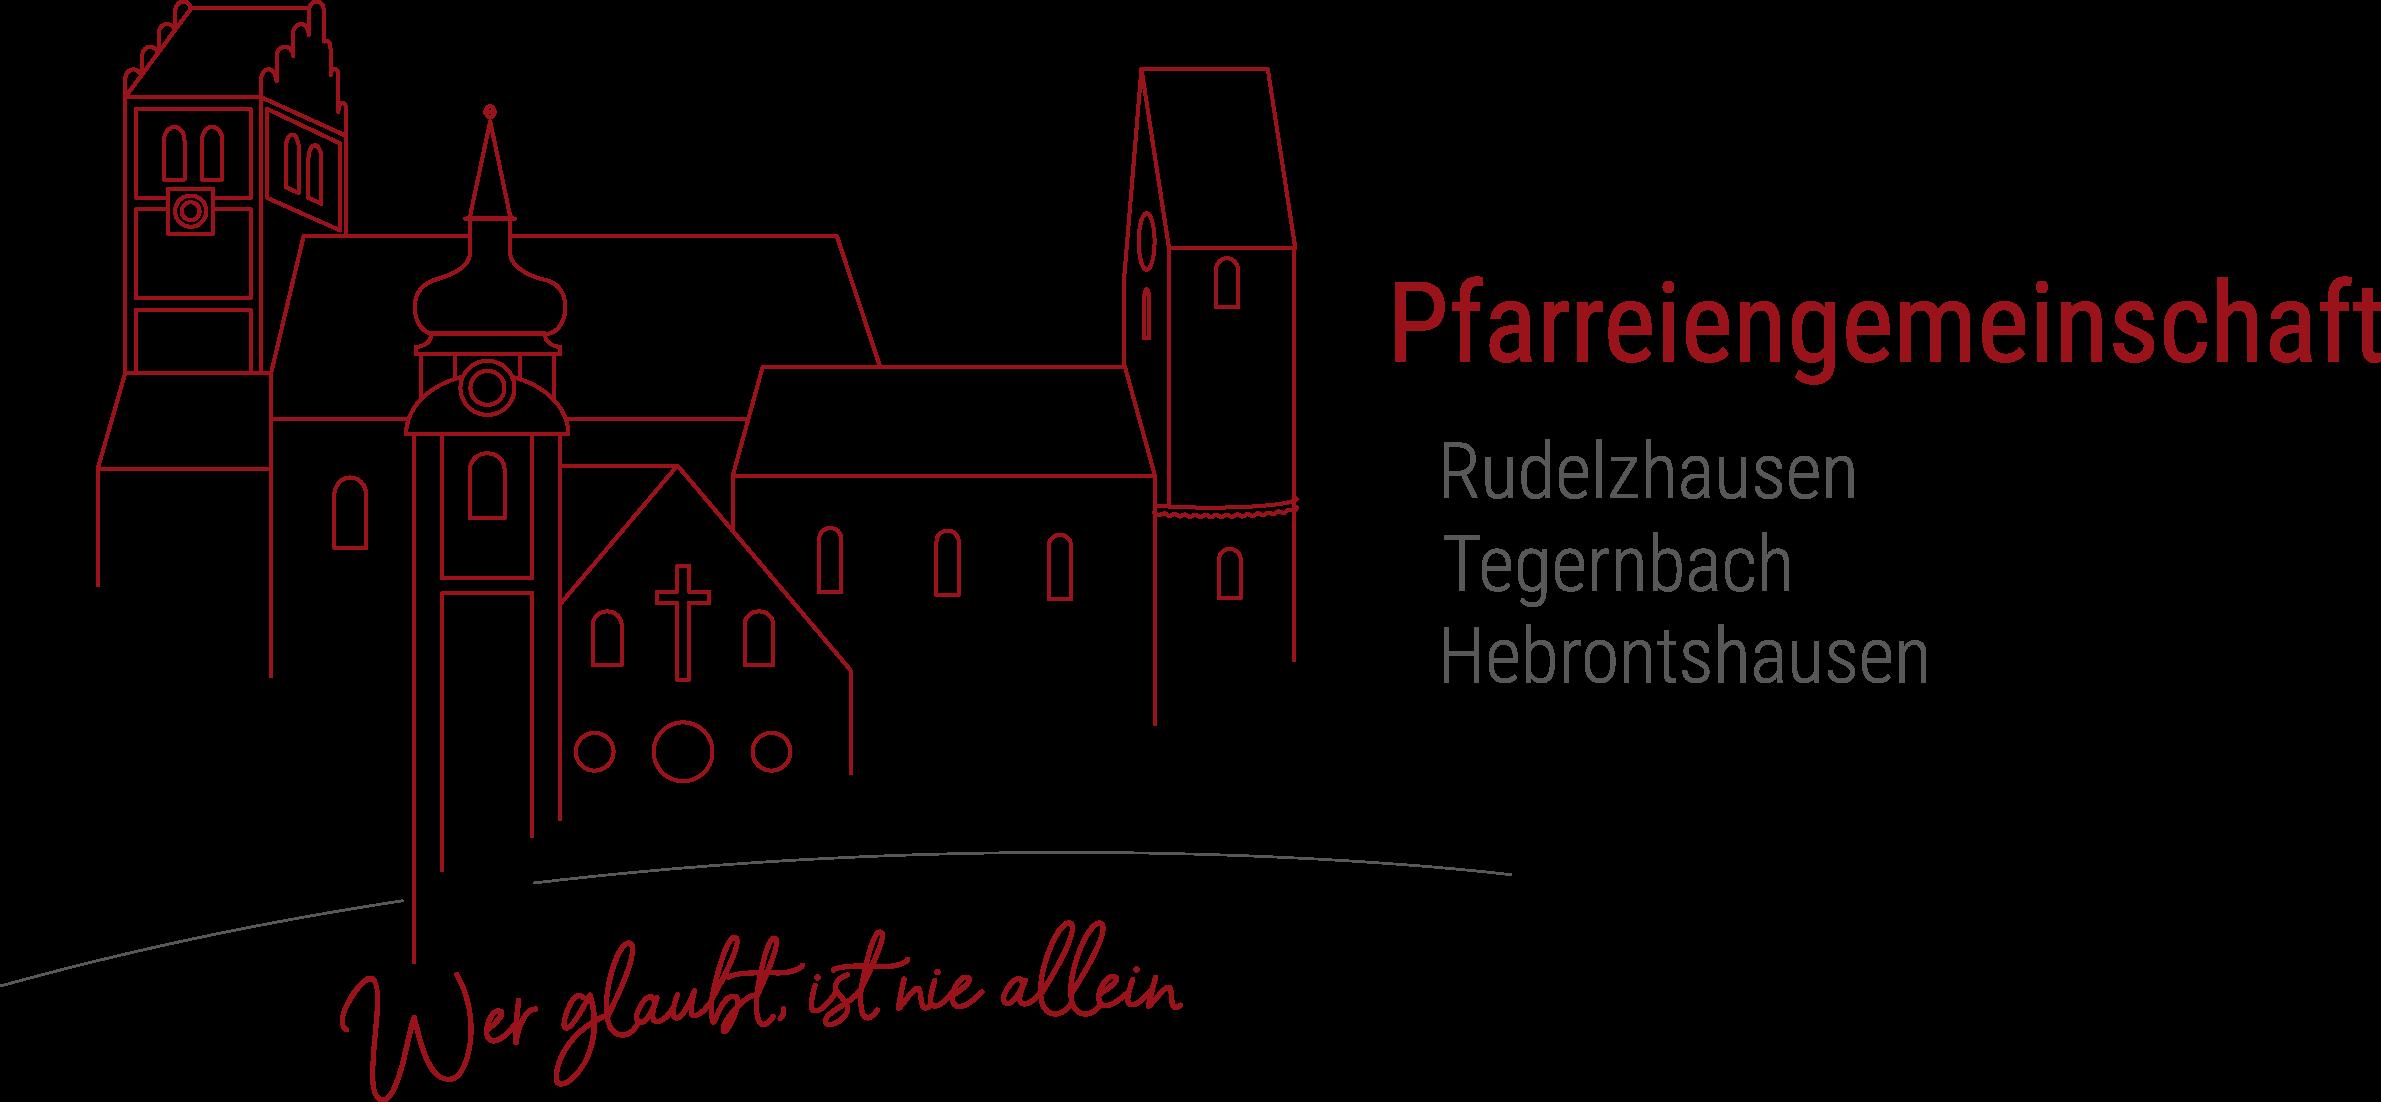 Pfarreiengemeinschaft Rudelzhausen